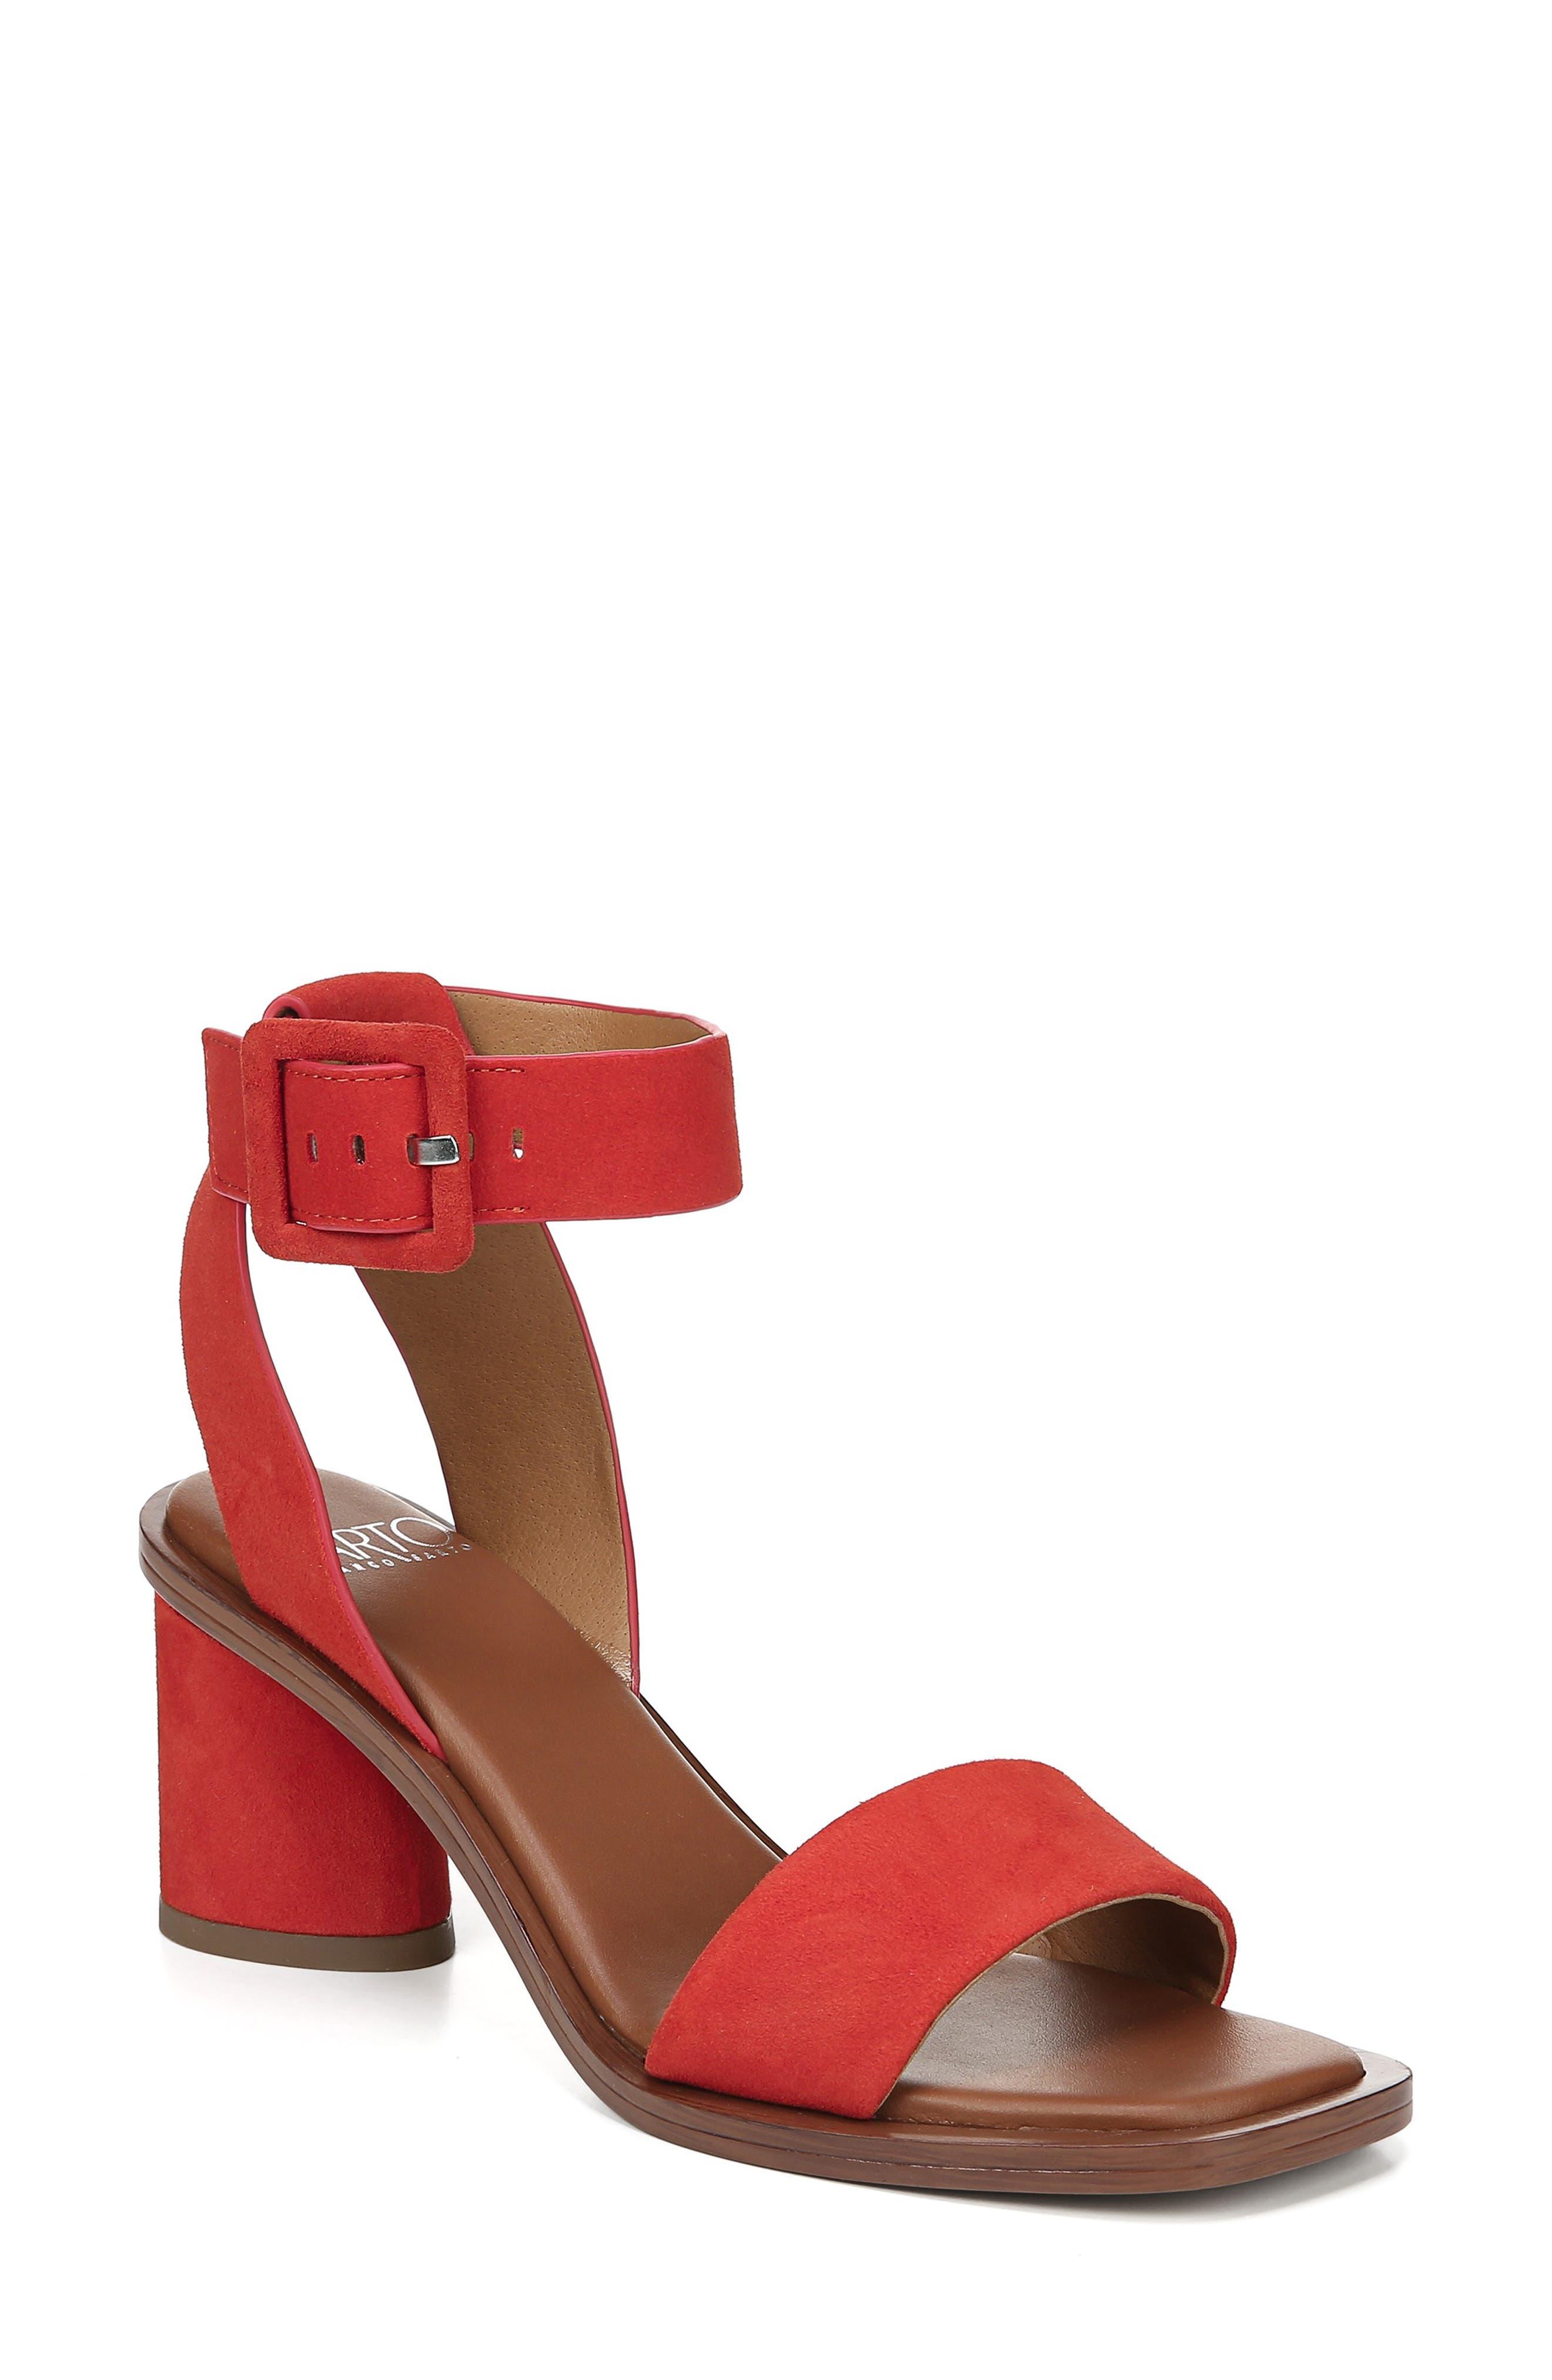 Sarto By Franco Sarto Risa Strap Sandal- Red